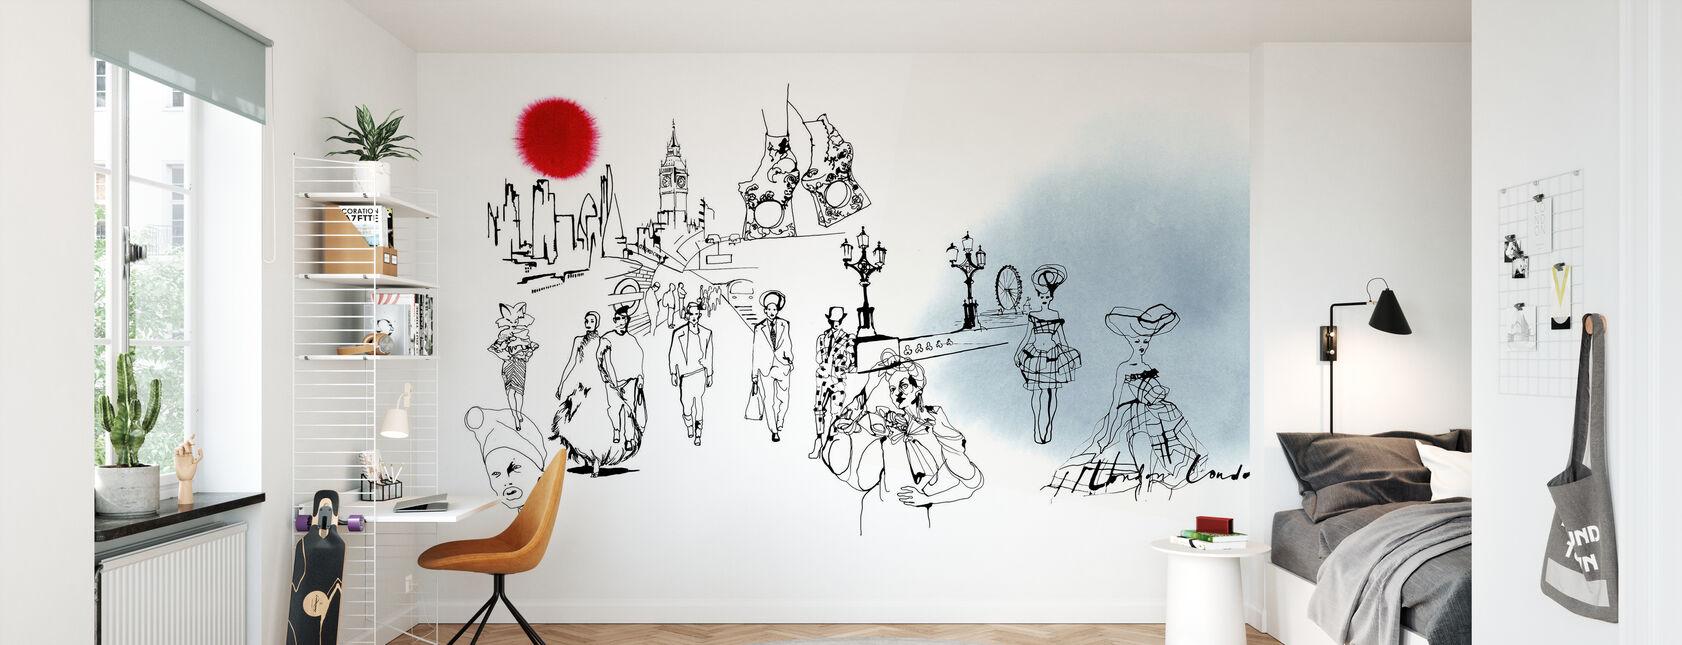 De London Editie - Behang - Kinderkamer